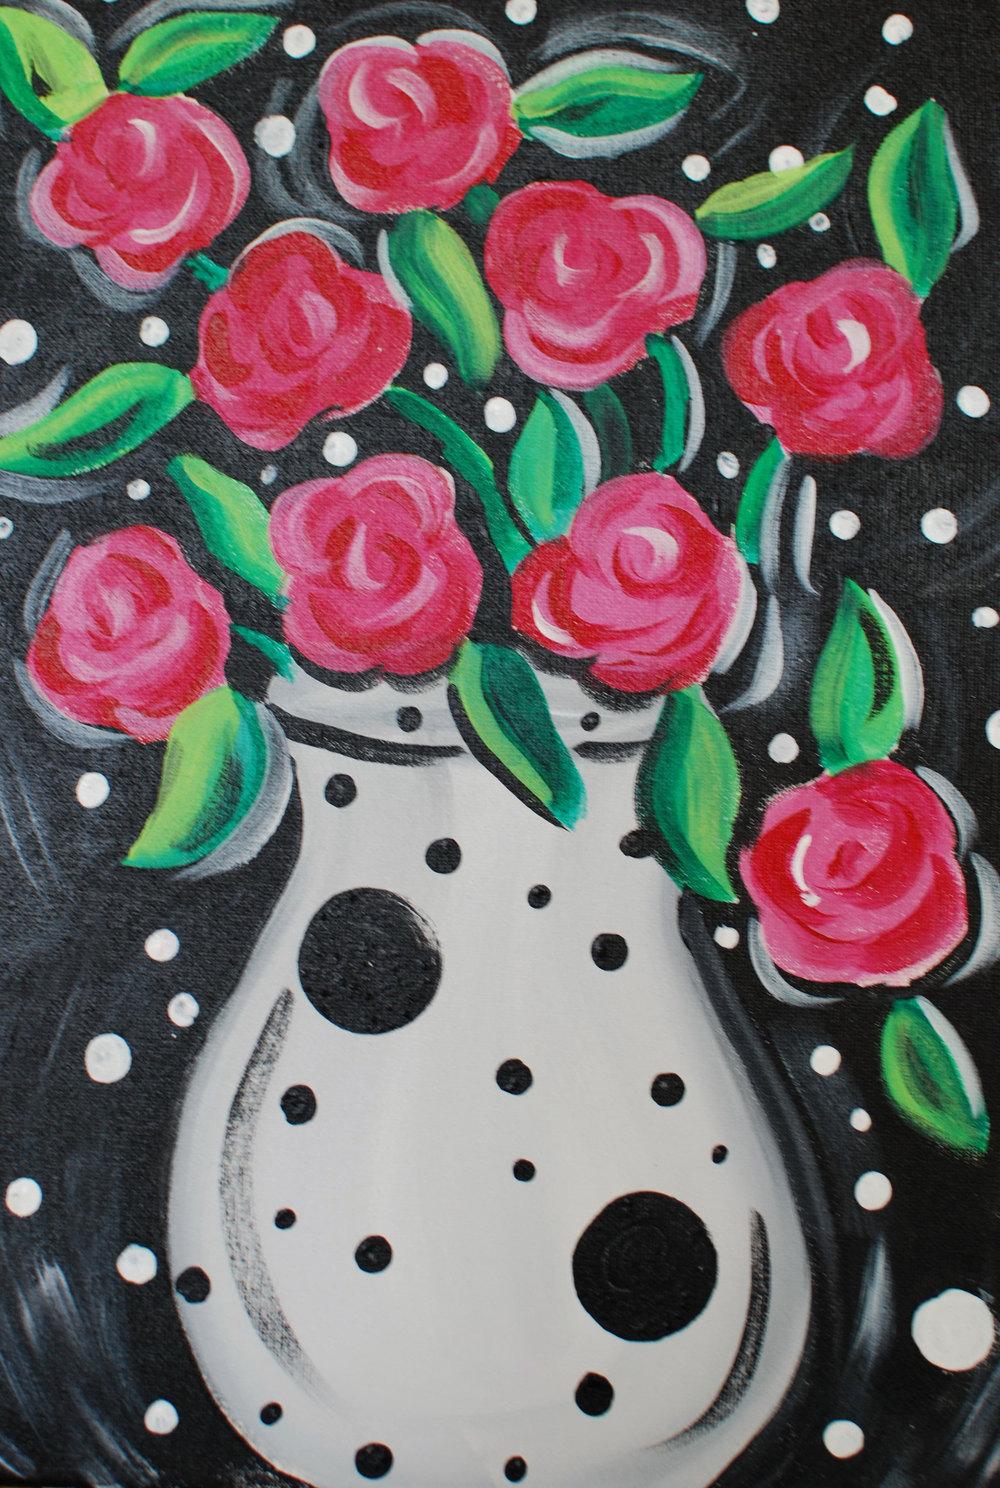 rose-vases.jpg